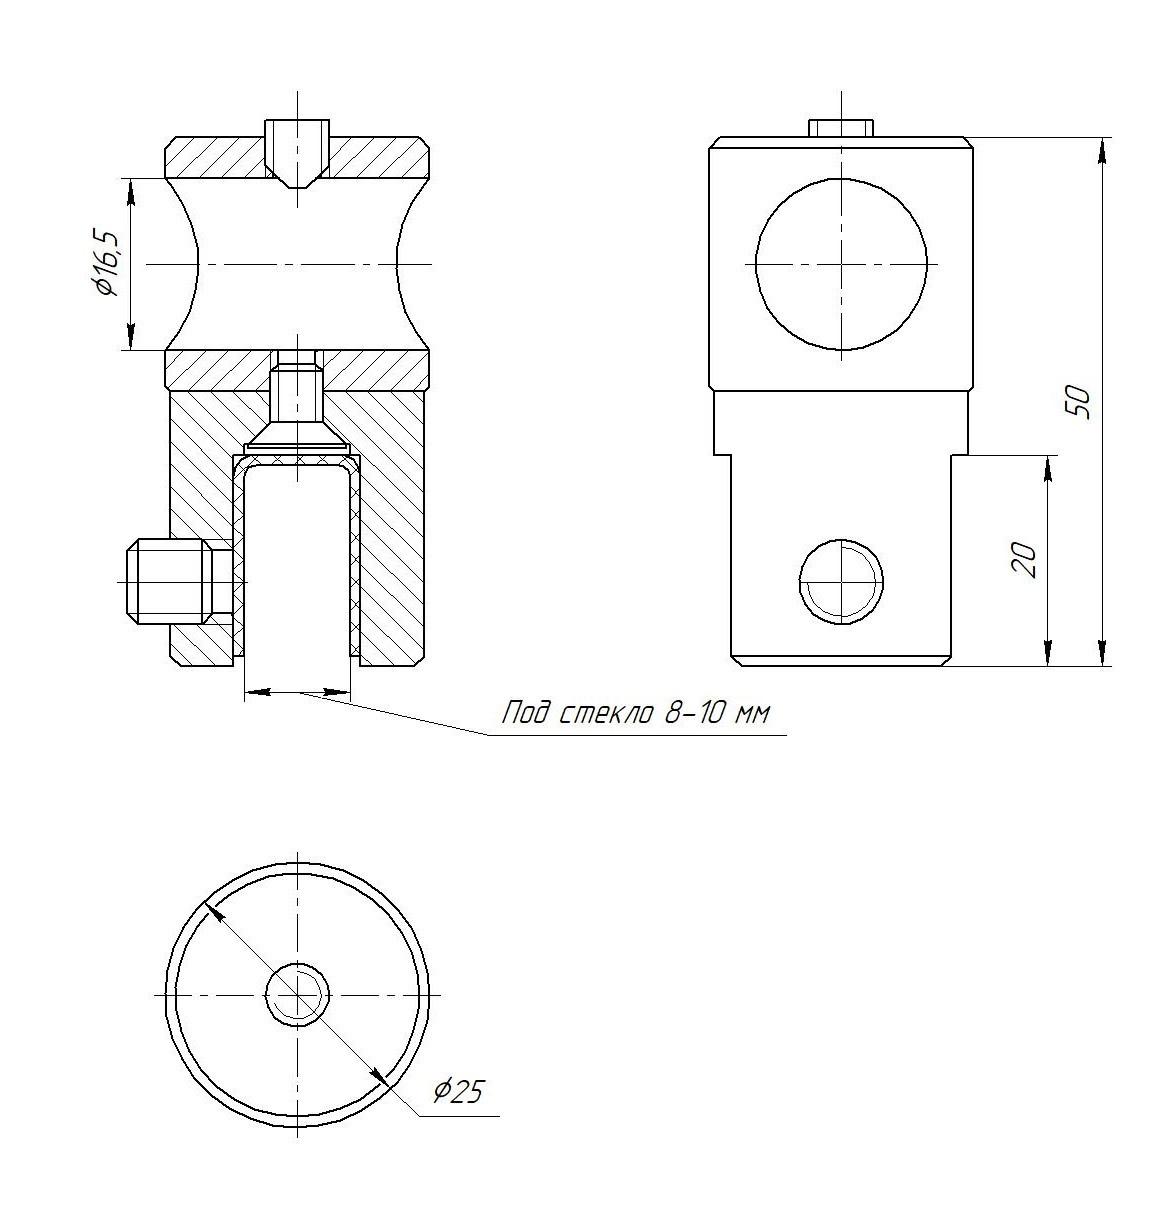 ODF-09-26-21 Крепление душевой штанги  16 мм для стекла накидное, регулируемое, сквозное, стеклодержатель черн